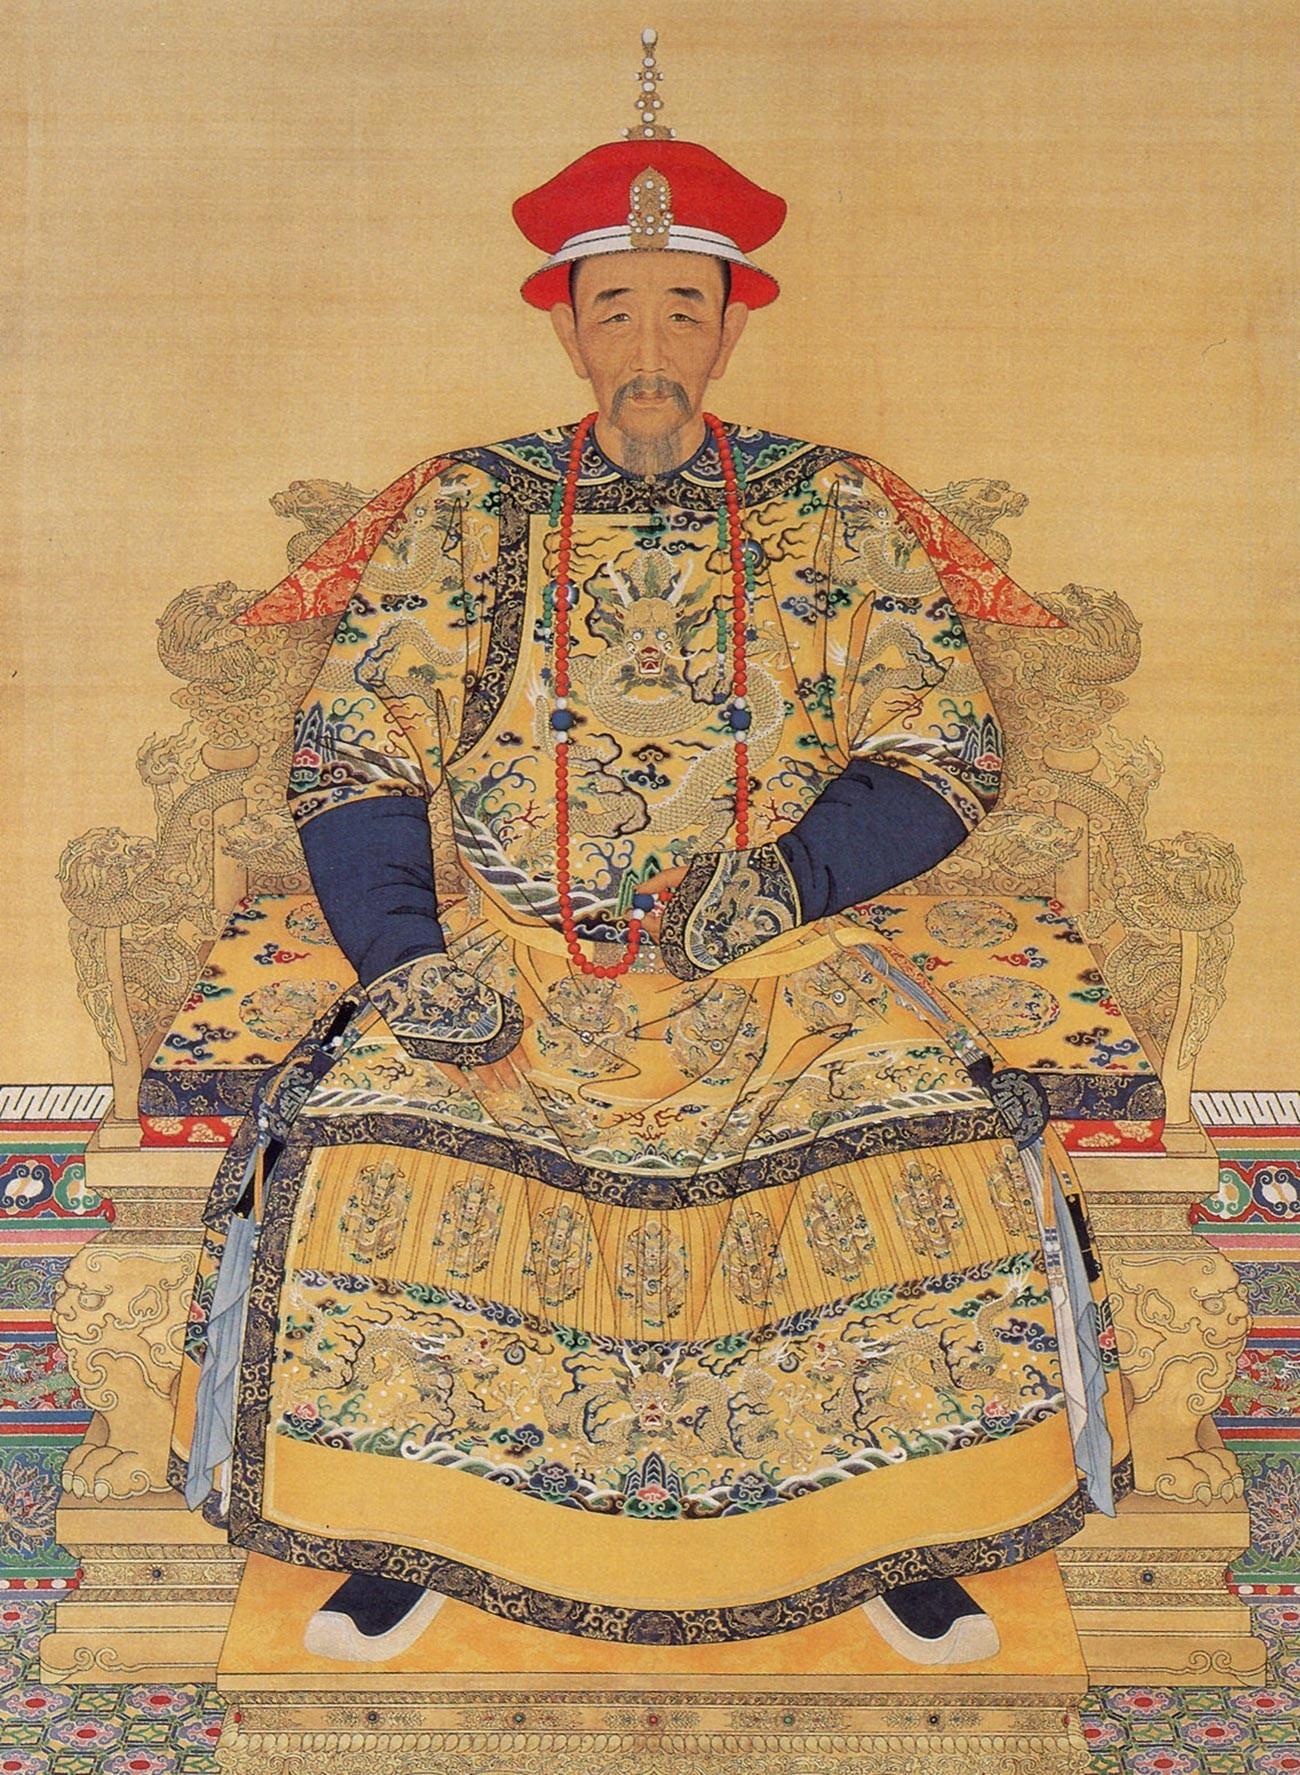 清の第4代皇帝である康熙帝